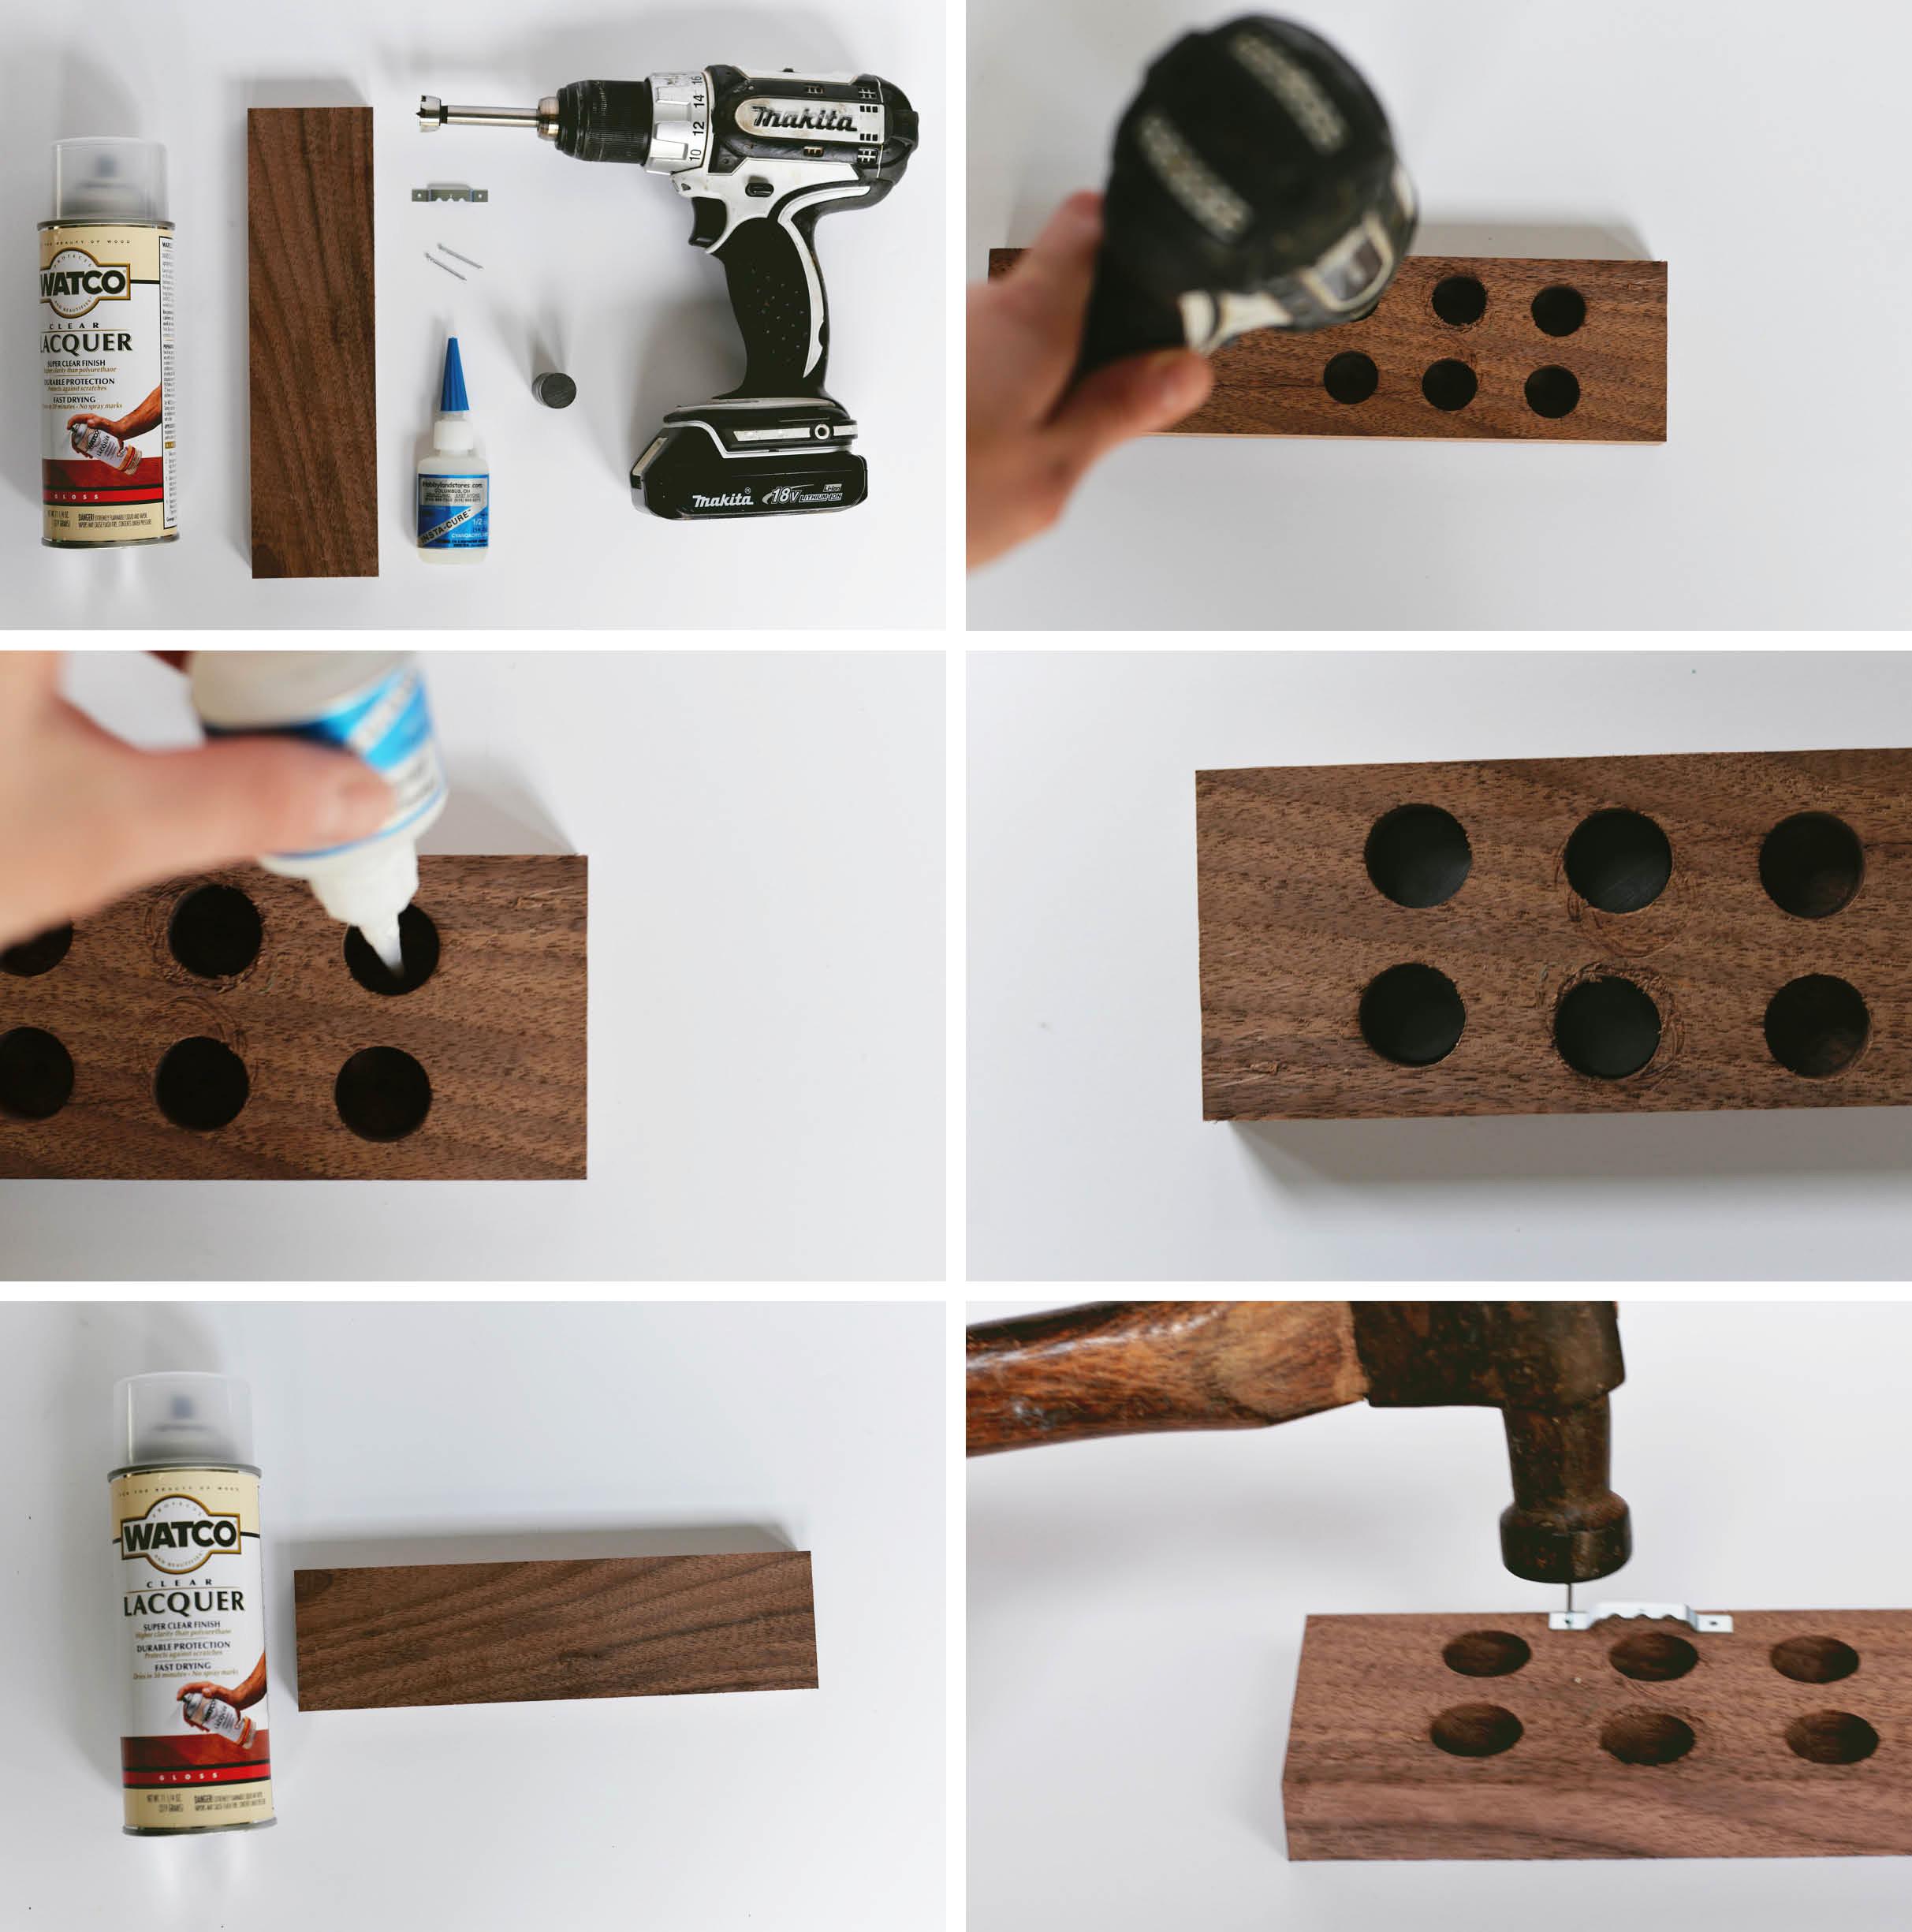 magnetic-knife-rack-diy-tutorial.jpg